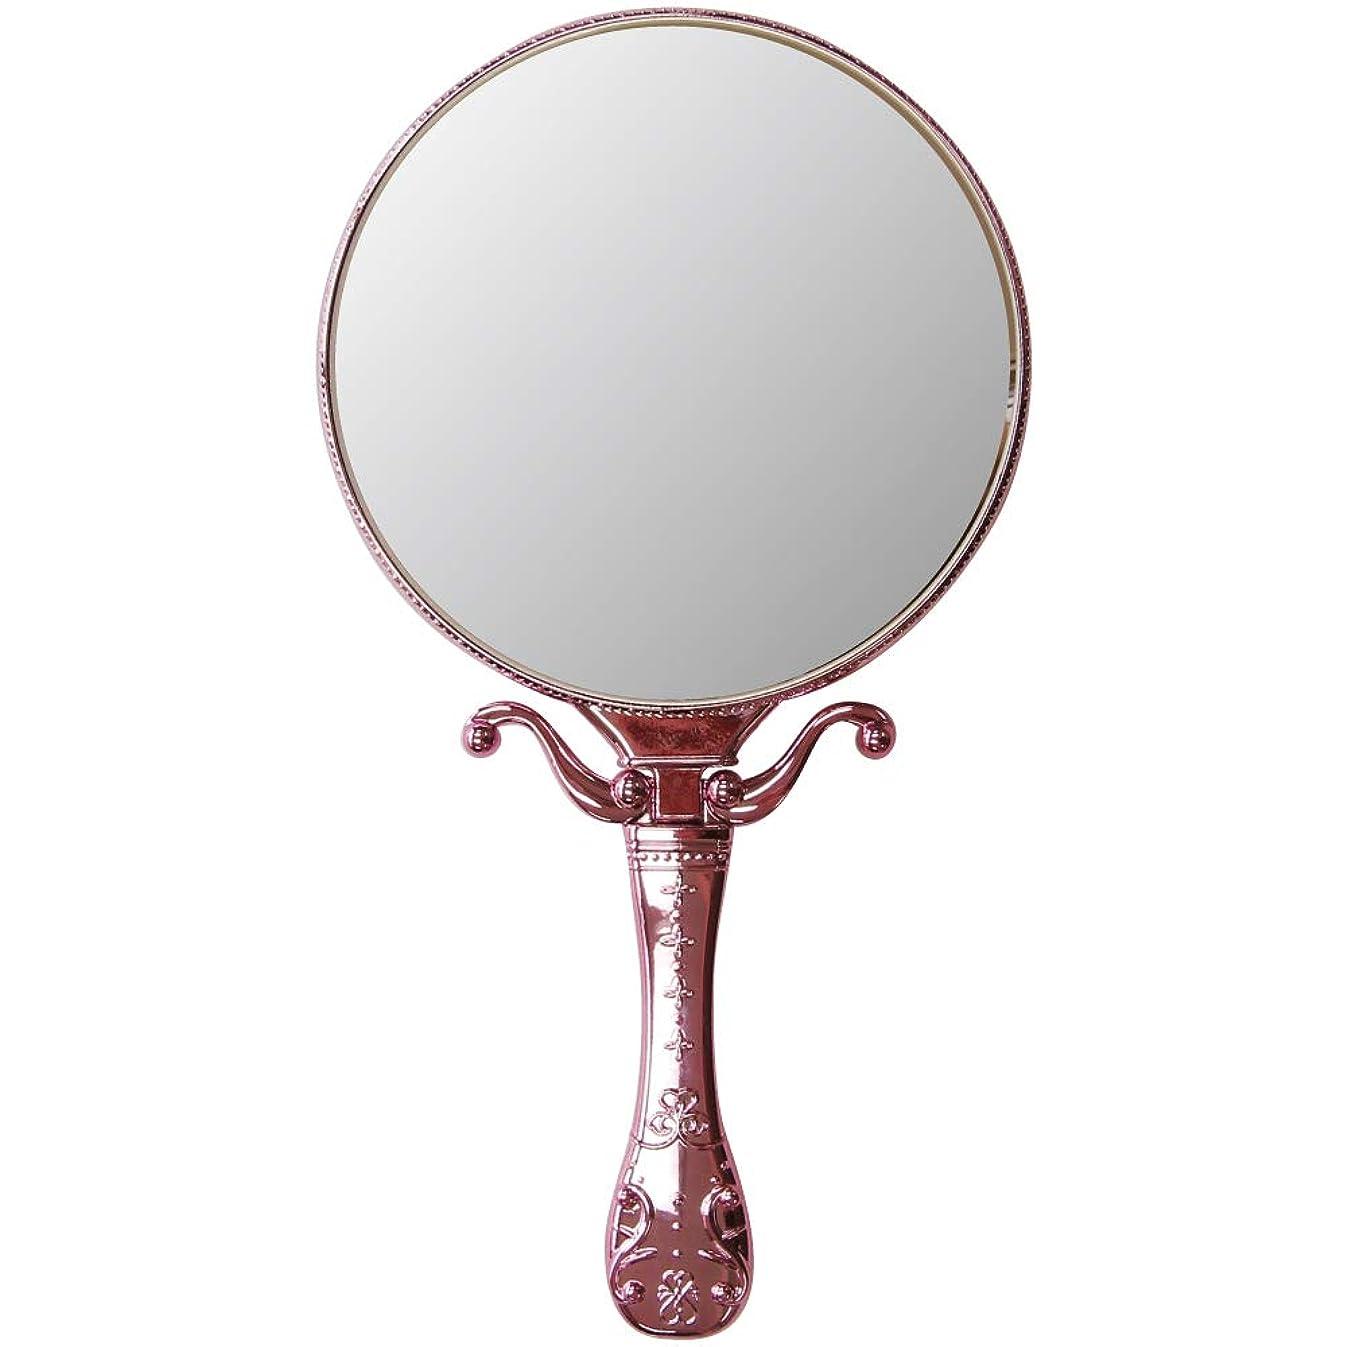 明らかにする財布スケッチ[姫] トゥウィンクル ハンド & スタンドミラー ヤマムラ [鏡] 手鏡 メッキ ハンドミラー 卓上ミラー【※こちらは「ピンク」のみの販売ページとなります】ピンク